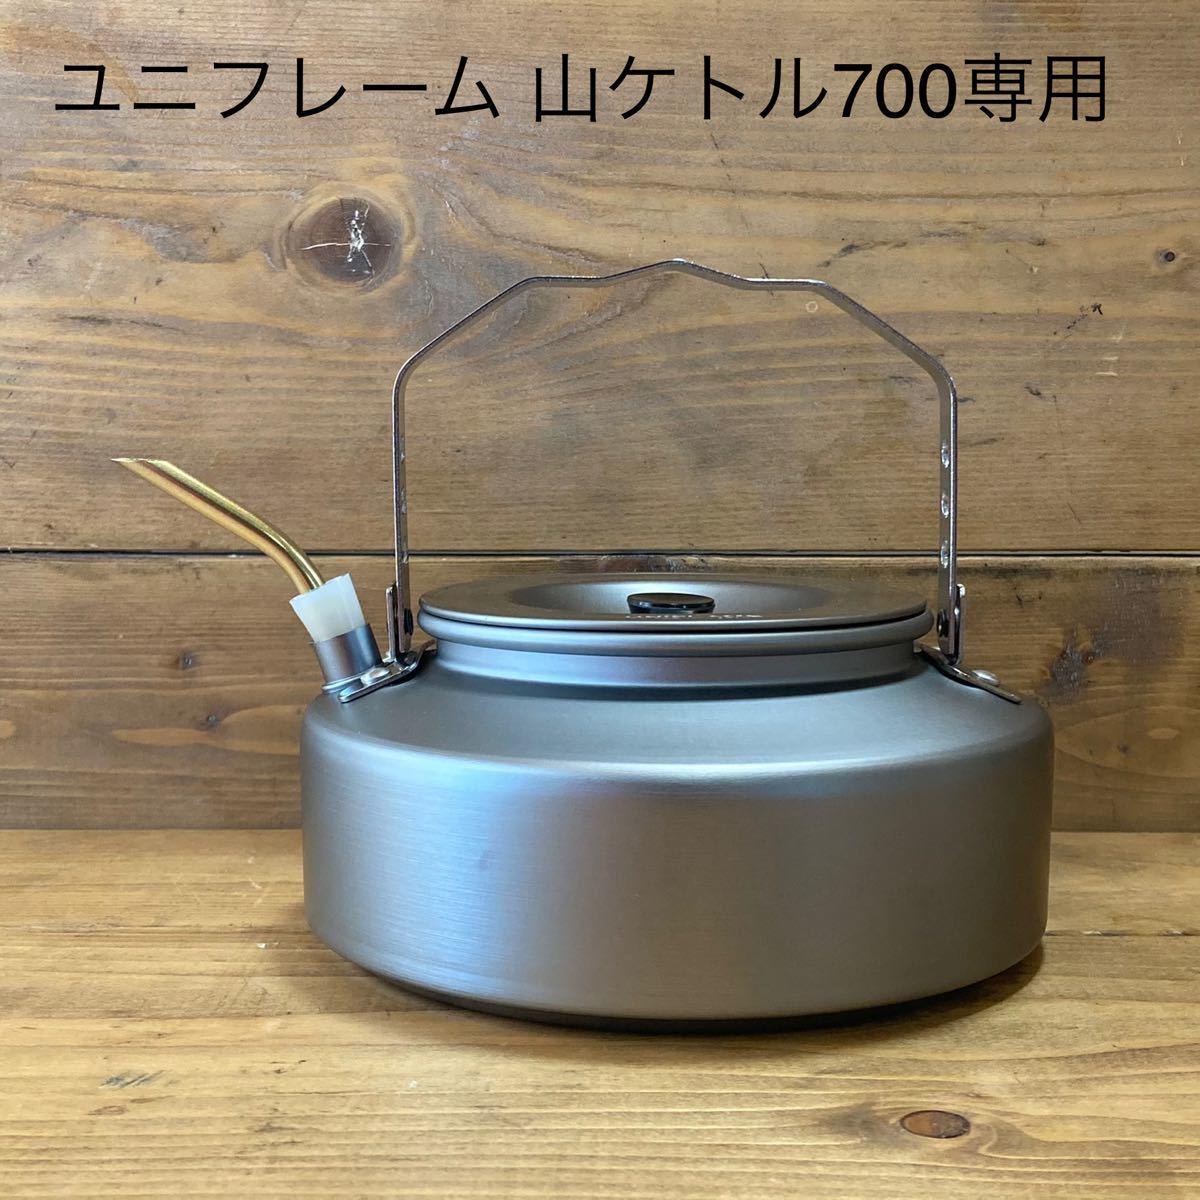 ユニフレーム 山ケトル 700 0.7L 真鍮 ドリップノズル ハンドメイド 検)sosogu